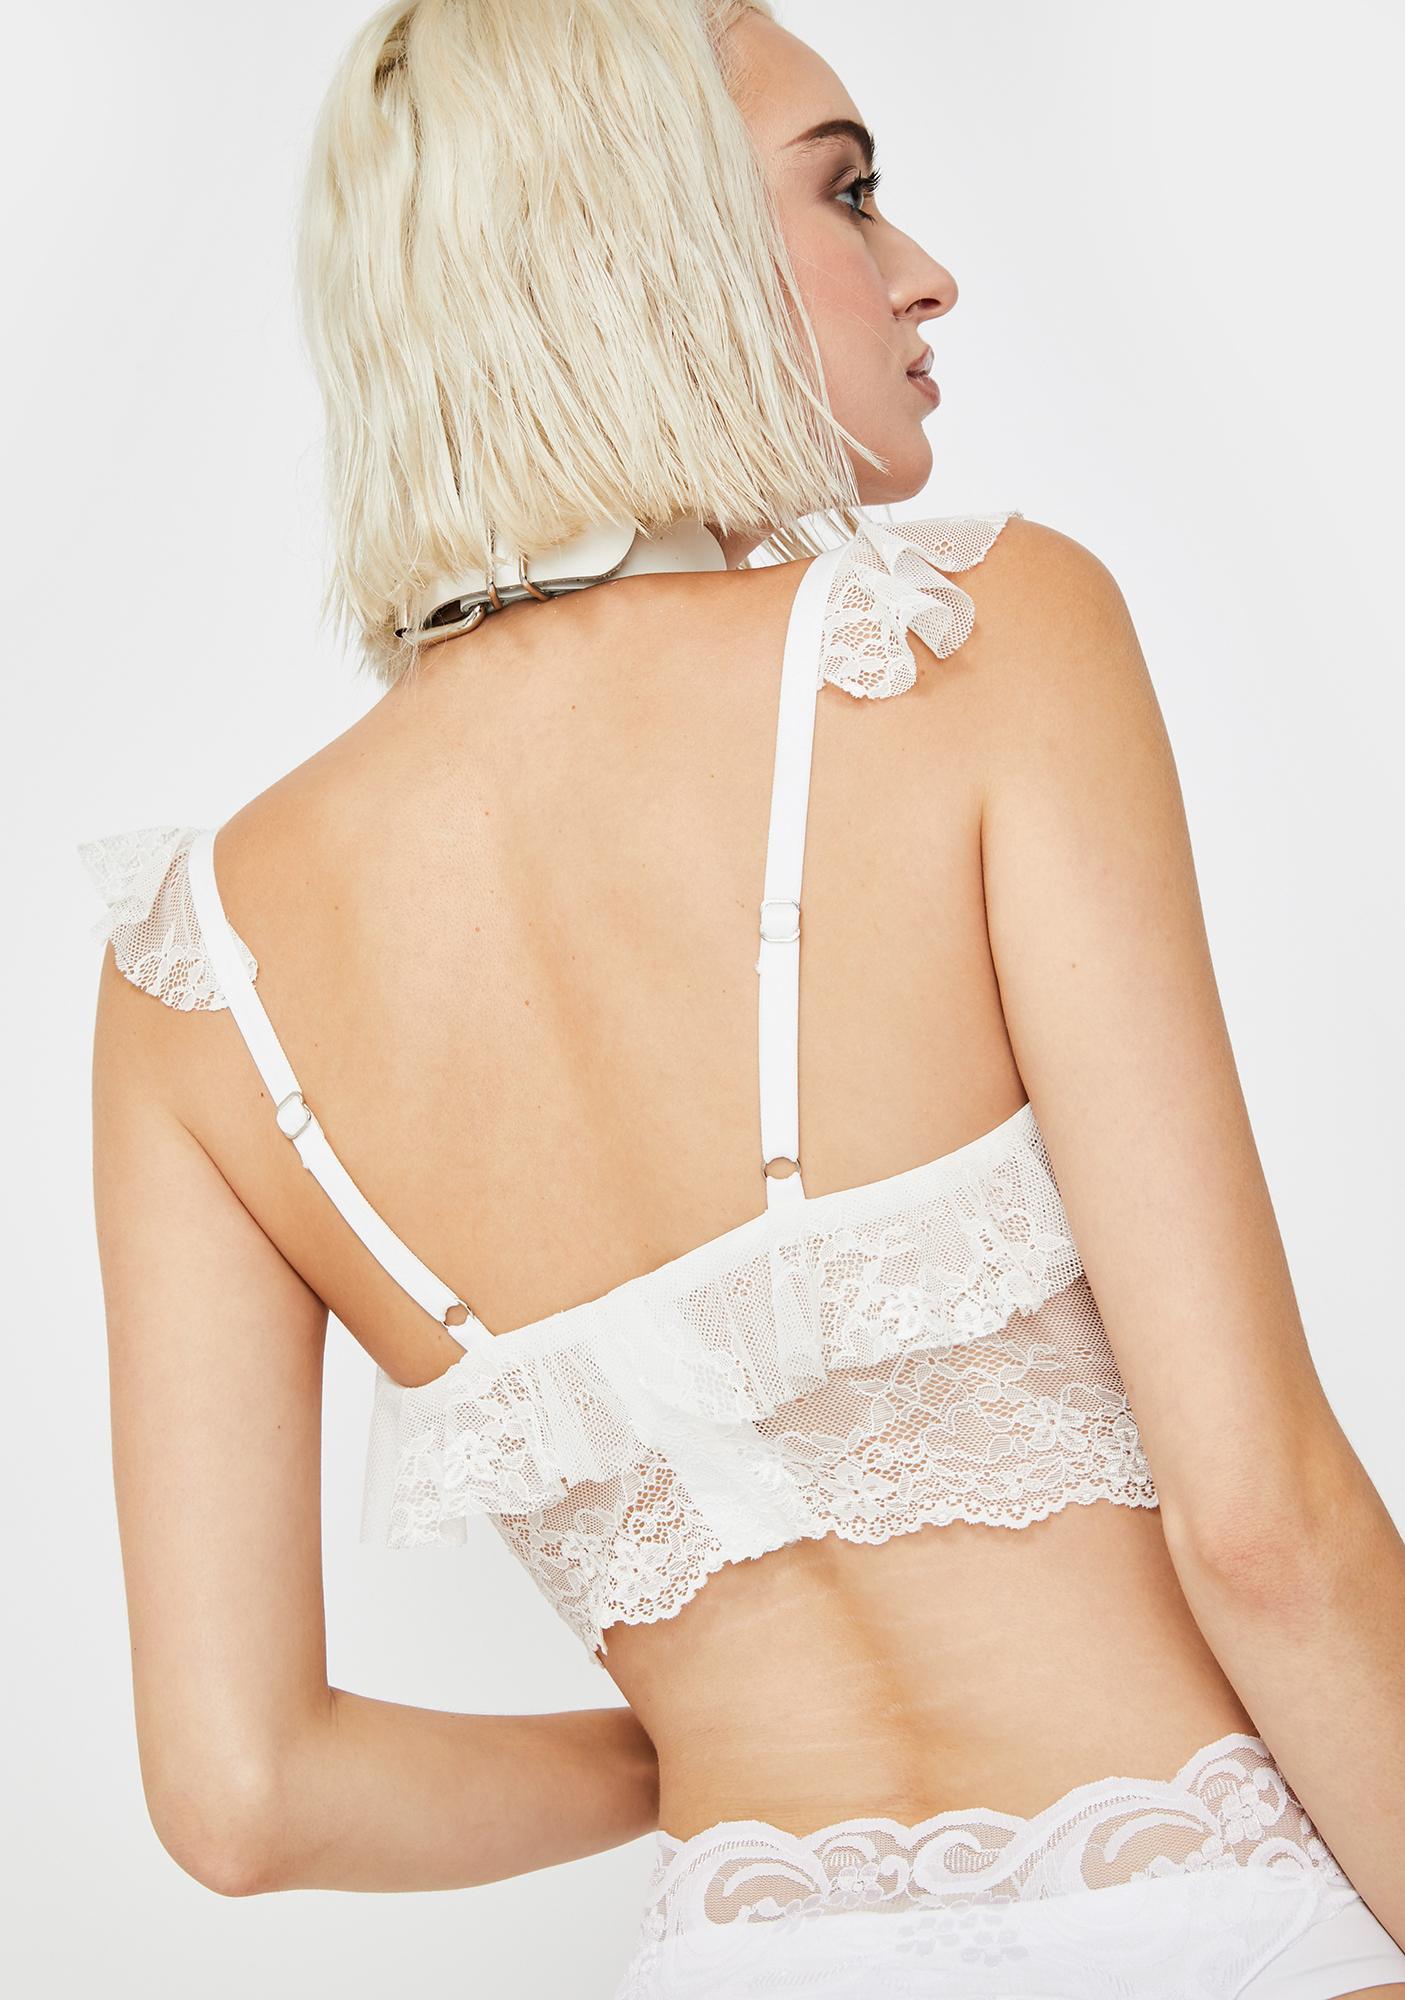 Kiki Riki Secret Fling Lace Bustier